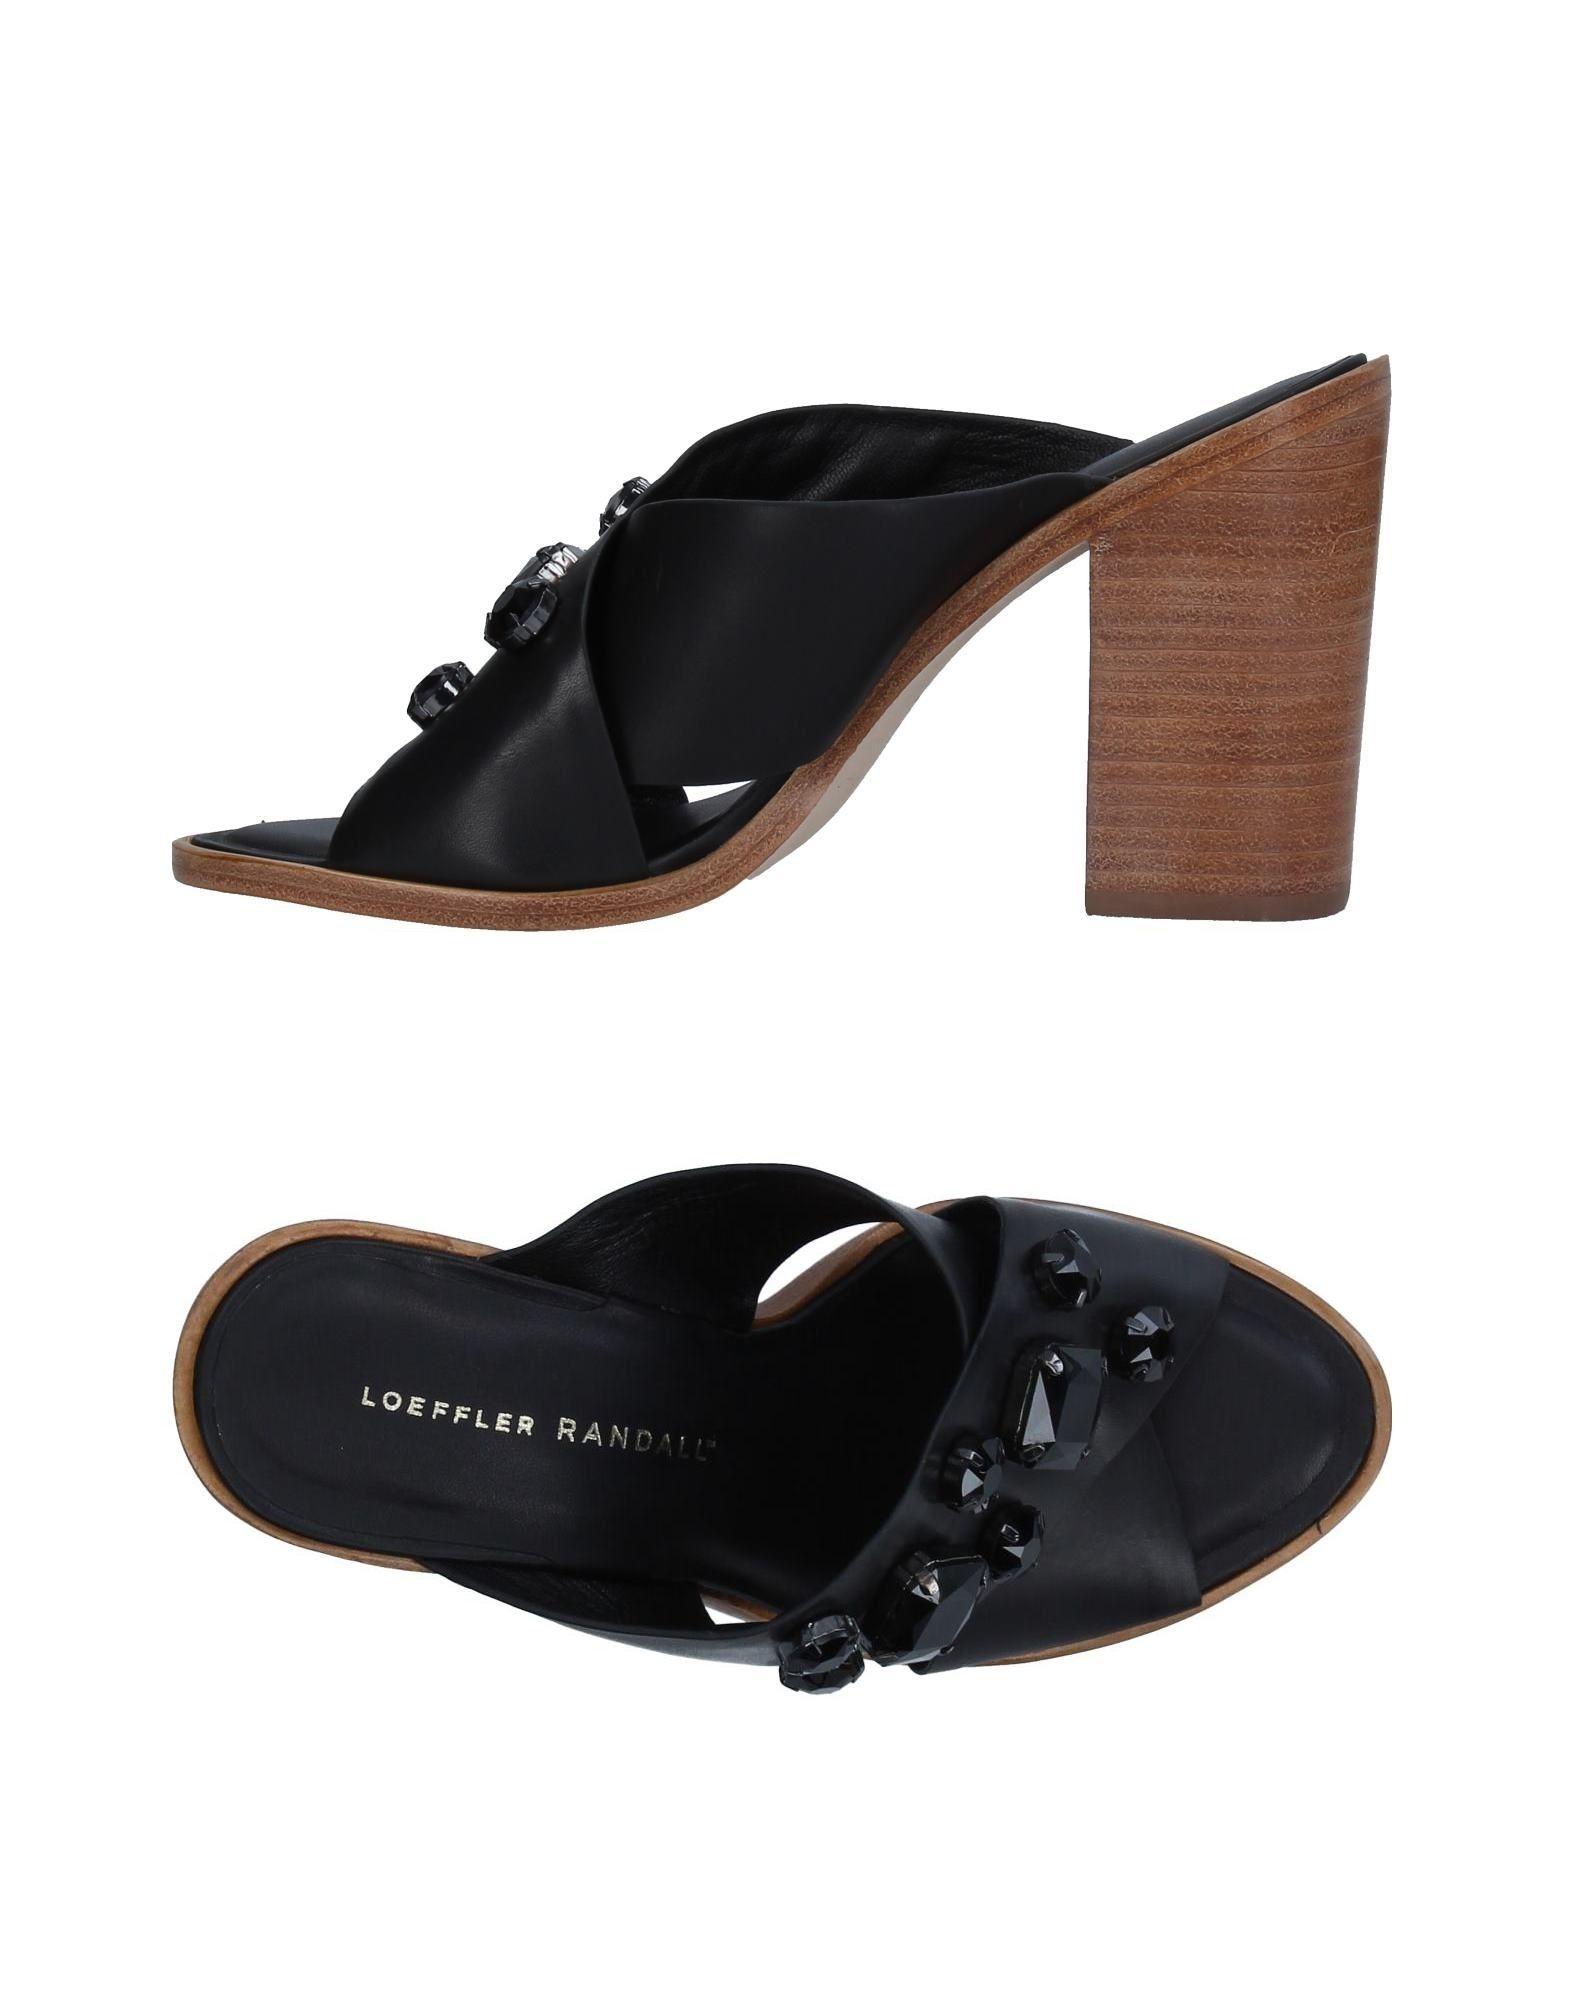 Loeffler Randall Pantoletten Damen  11330494FH Qualität Gute Qualität 11330494FH beliebte Schuhe 6631f6